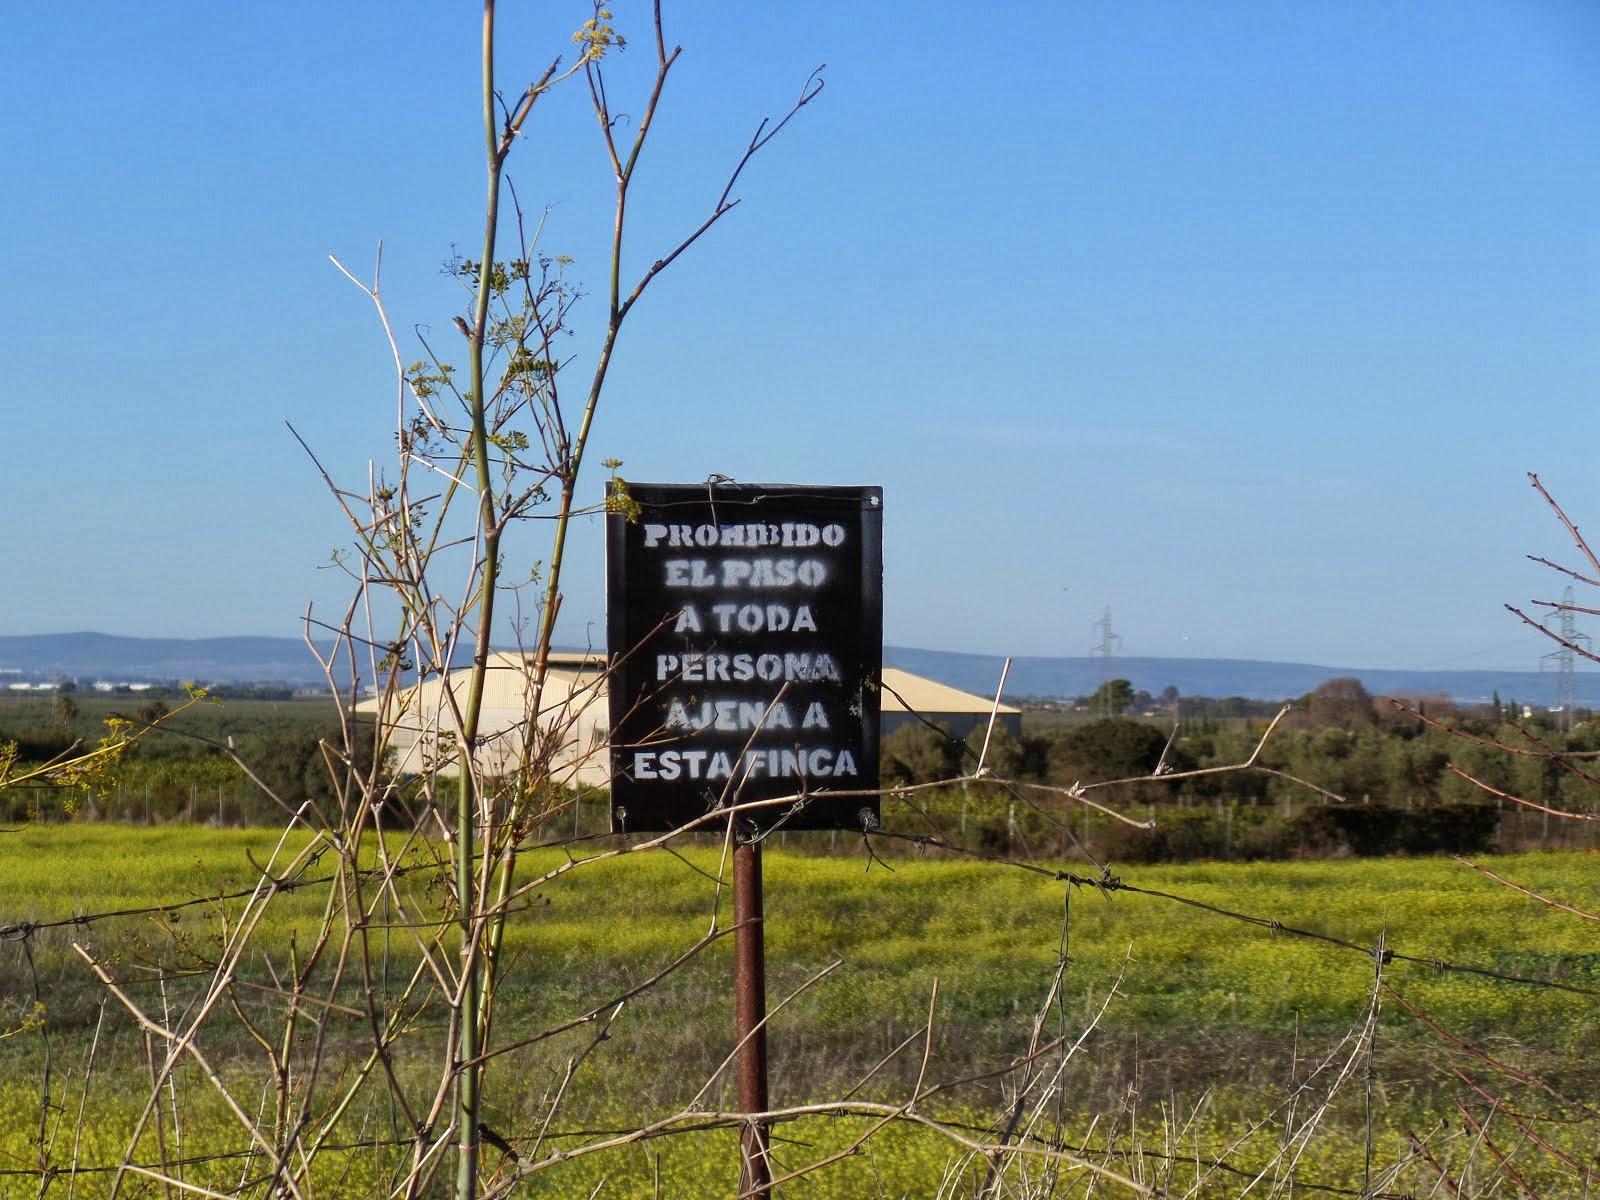 FOTO DENUNCIA: Apropiación del Camino de San Agustín (Antiguo Camino de Pero Mingo).